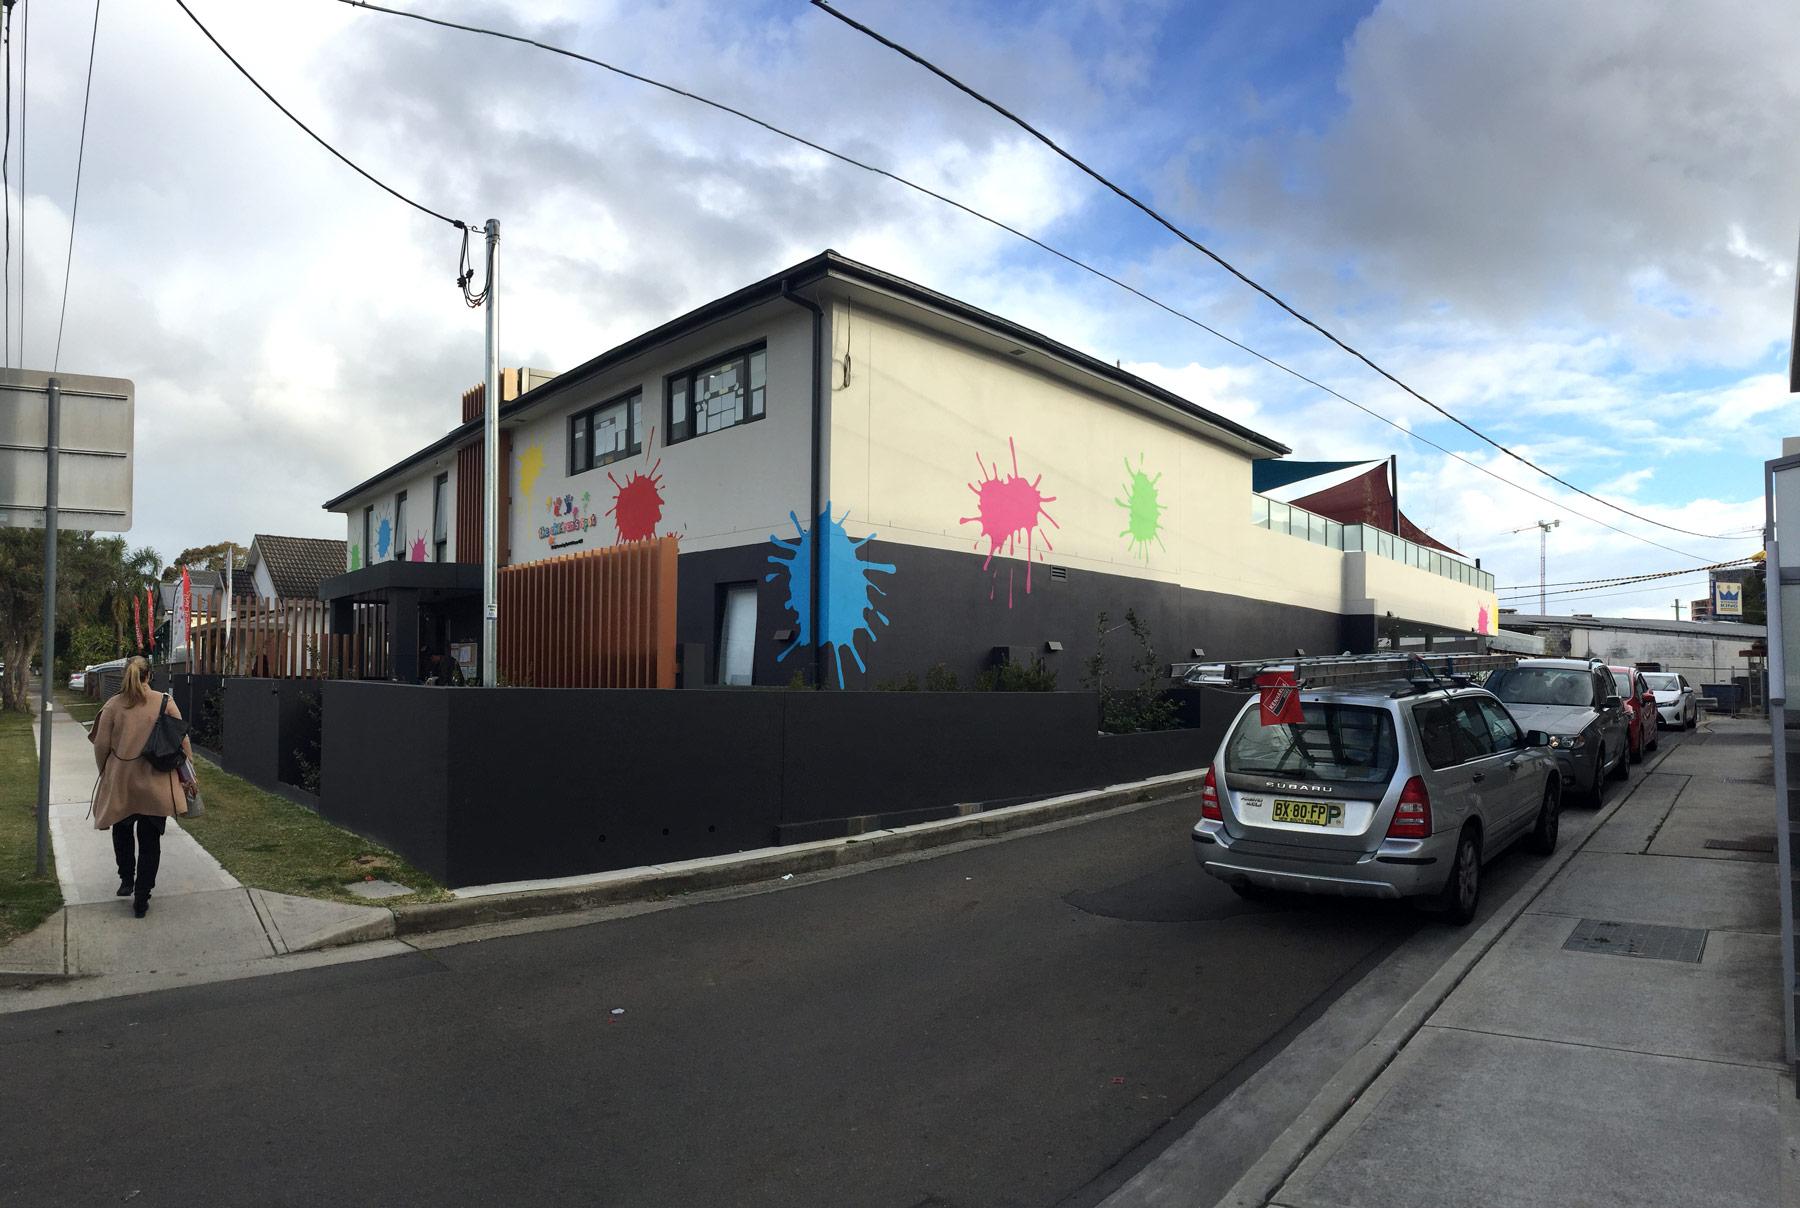 childrens-spot-hursville-exterior-murals-2